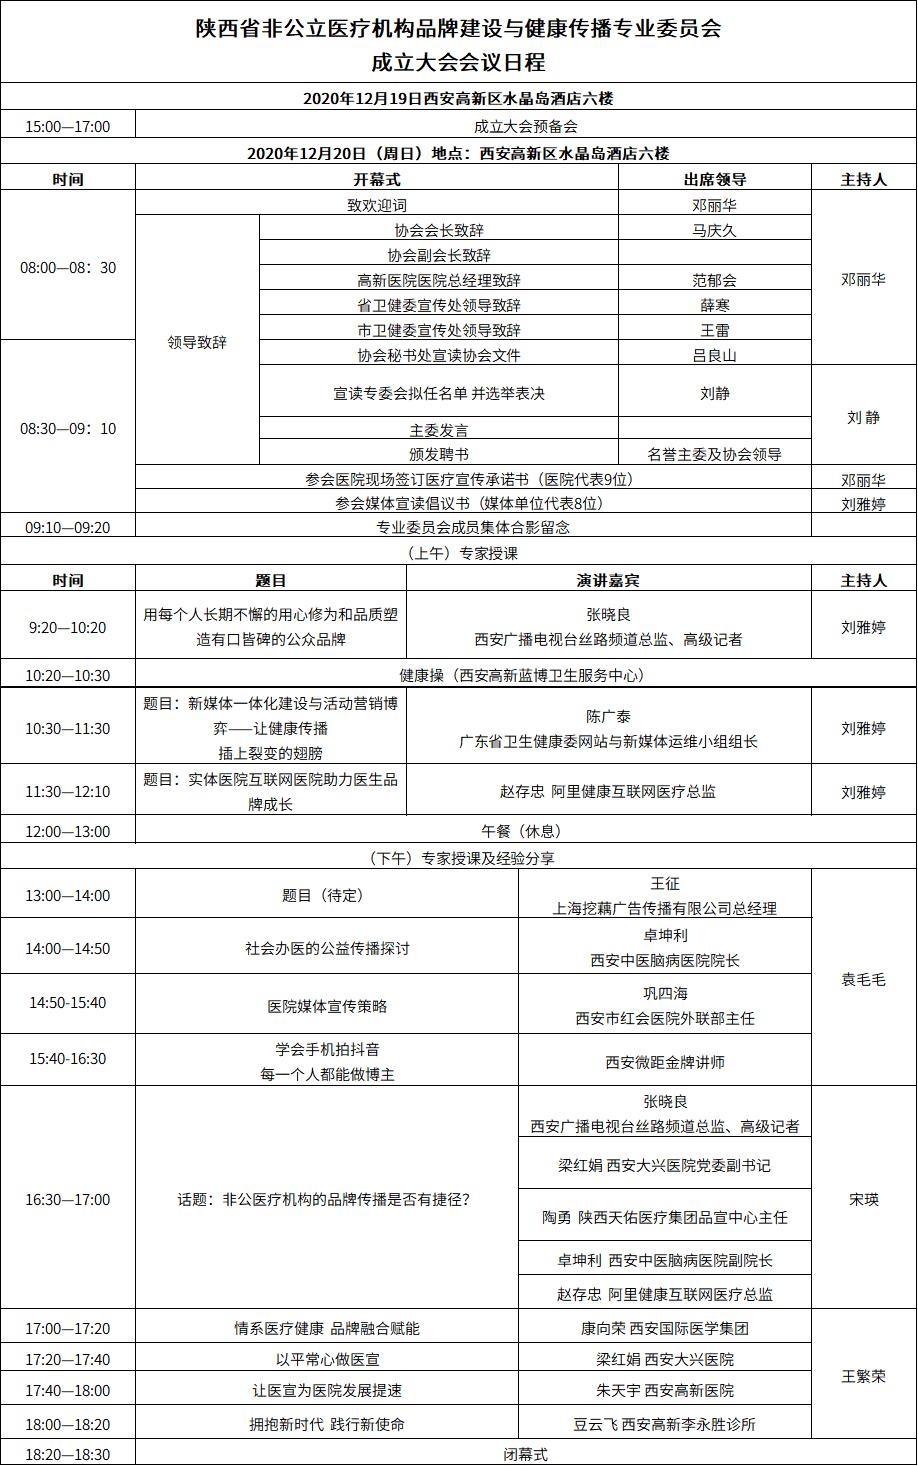 陕西省非公立医疗机构协会品牌建设与健康传播专业委员会成立大会报名倒计时